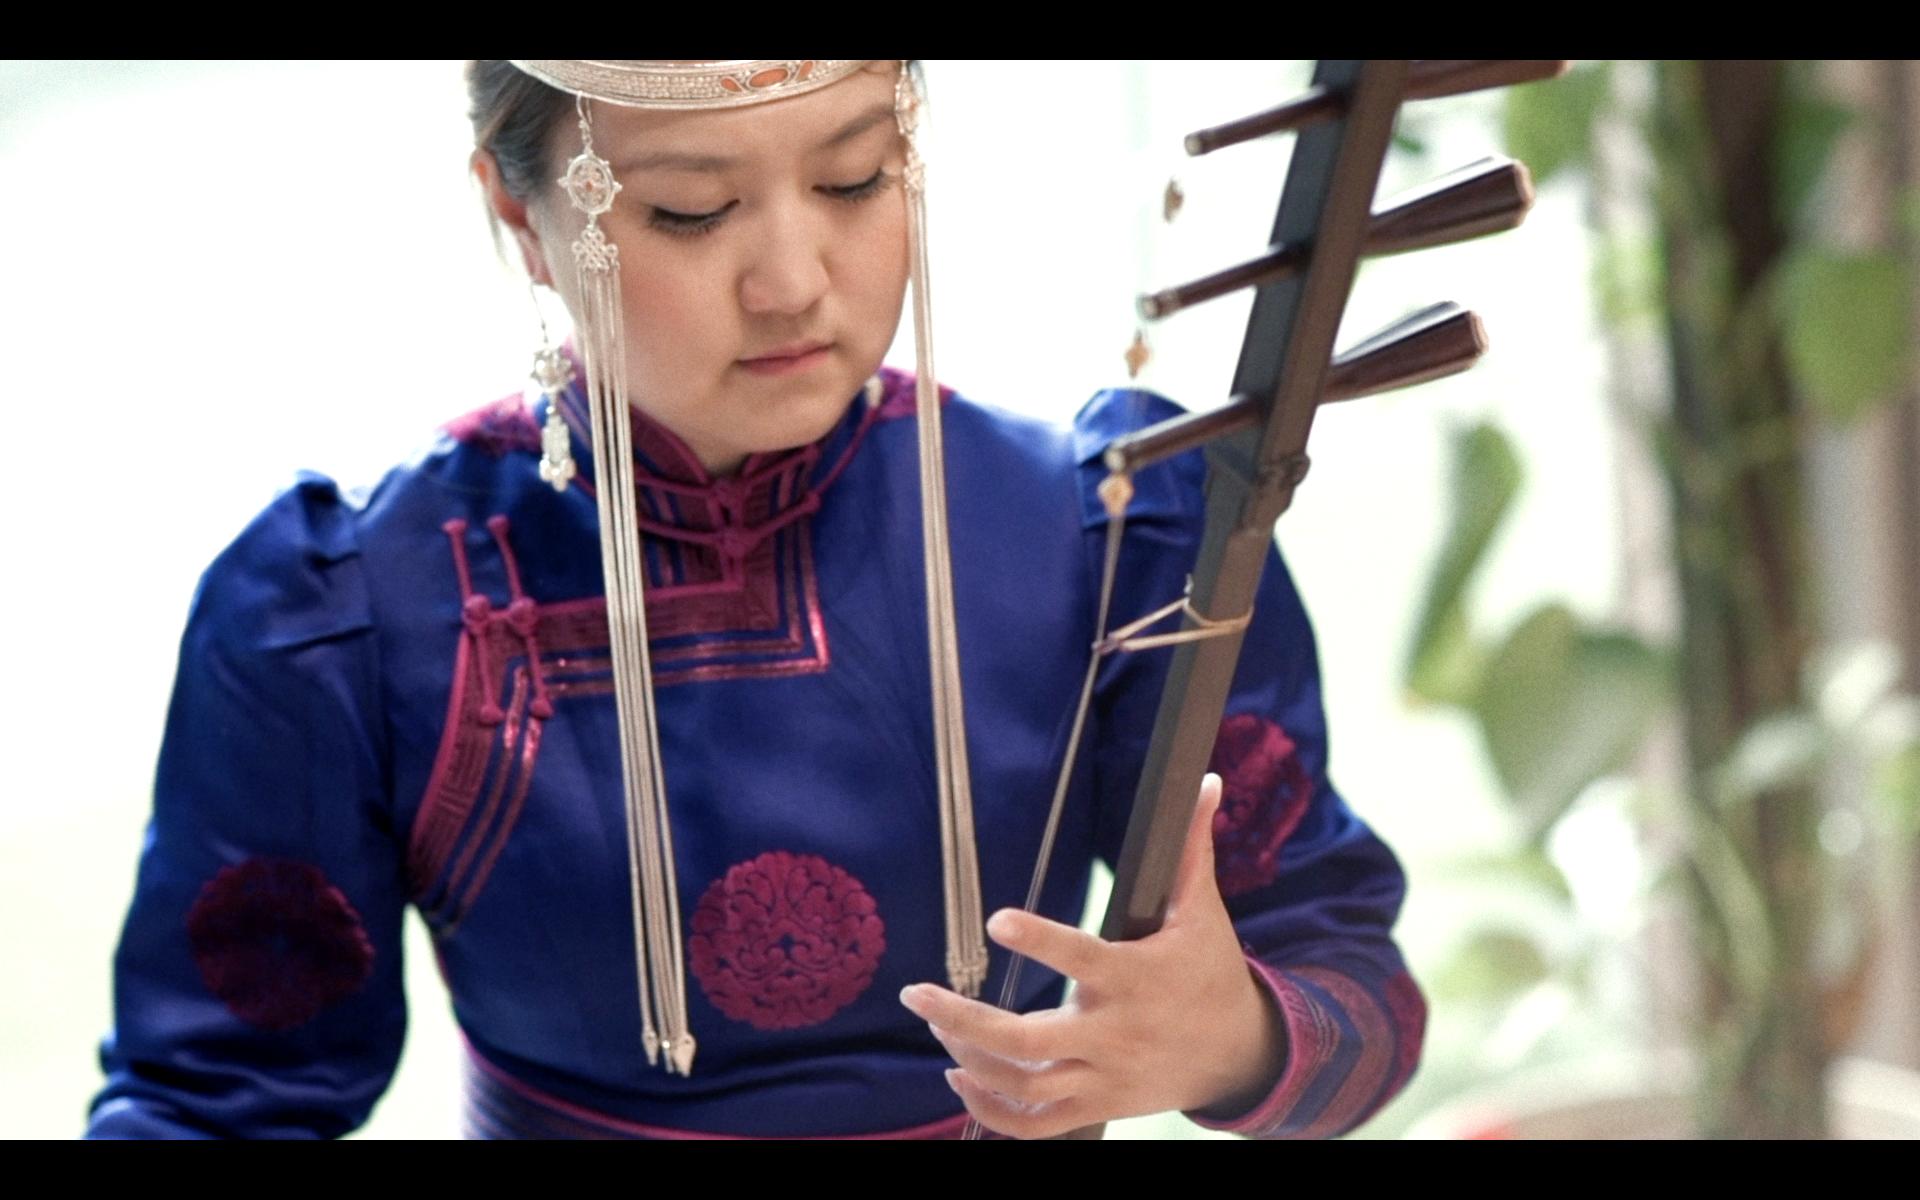 2016.06.11 - Beijing - Suya - [1] Uyunzandan - Video Screenshot_13.png